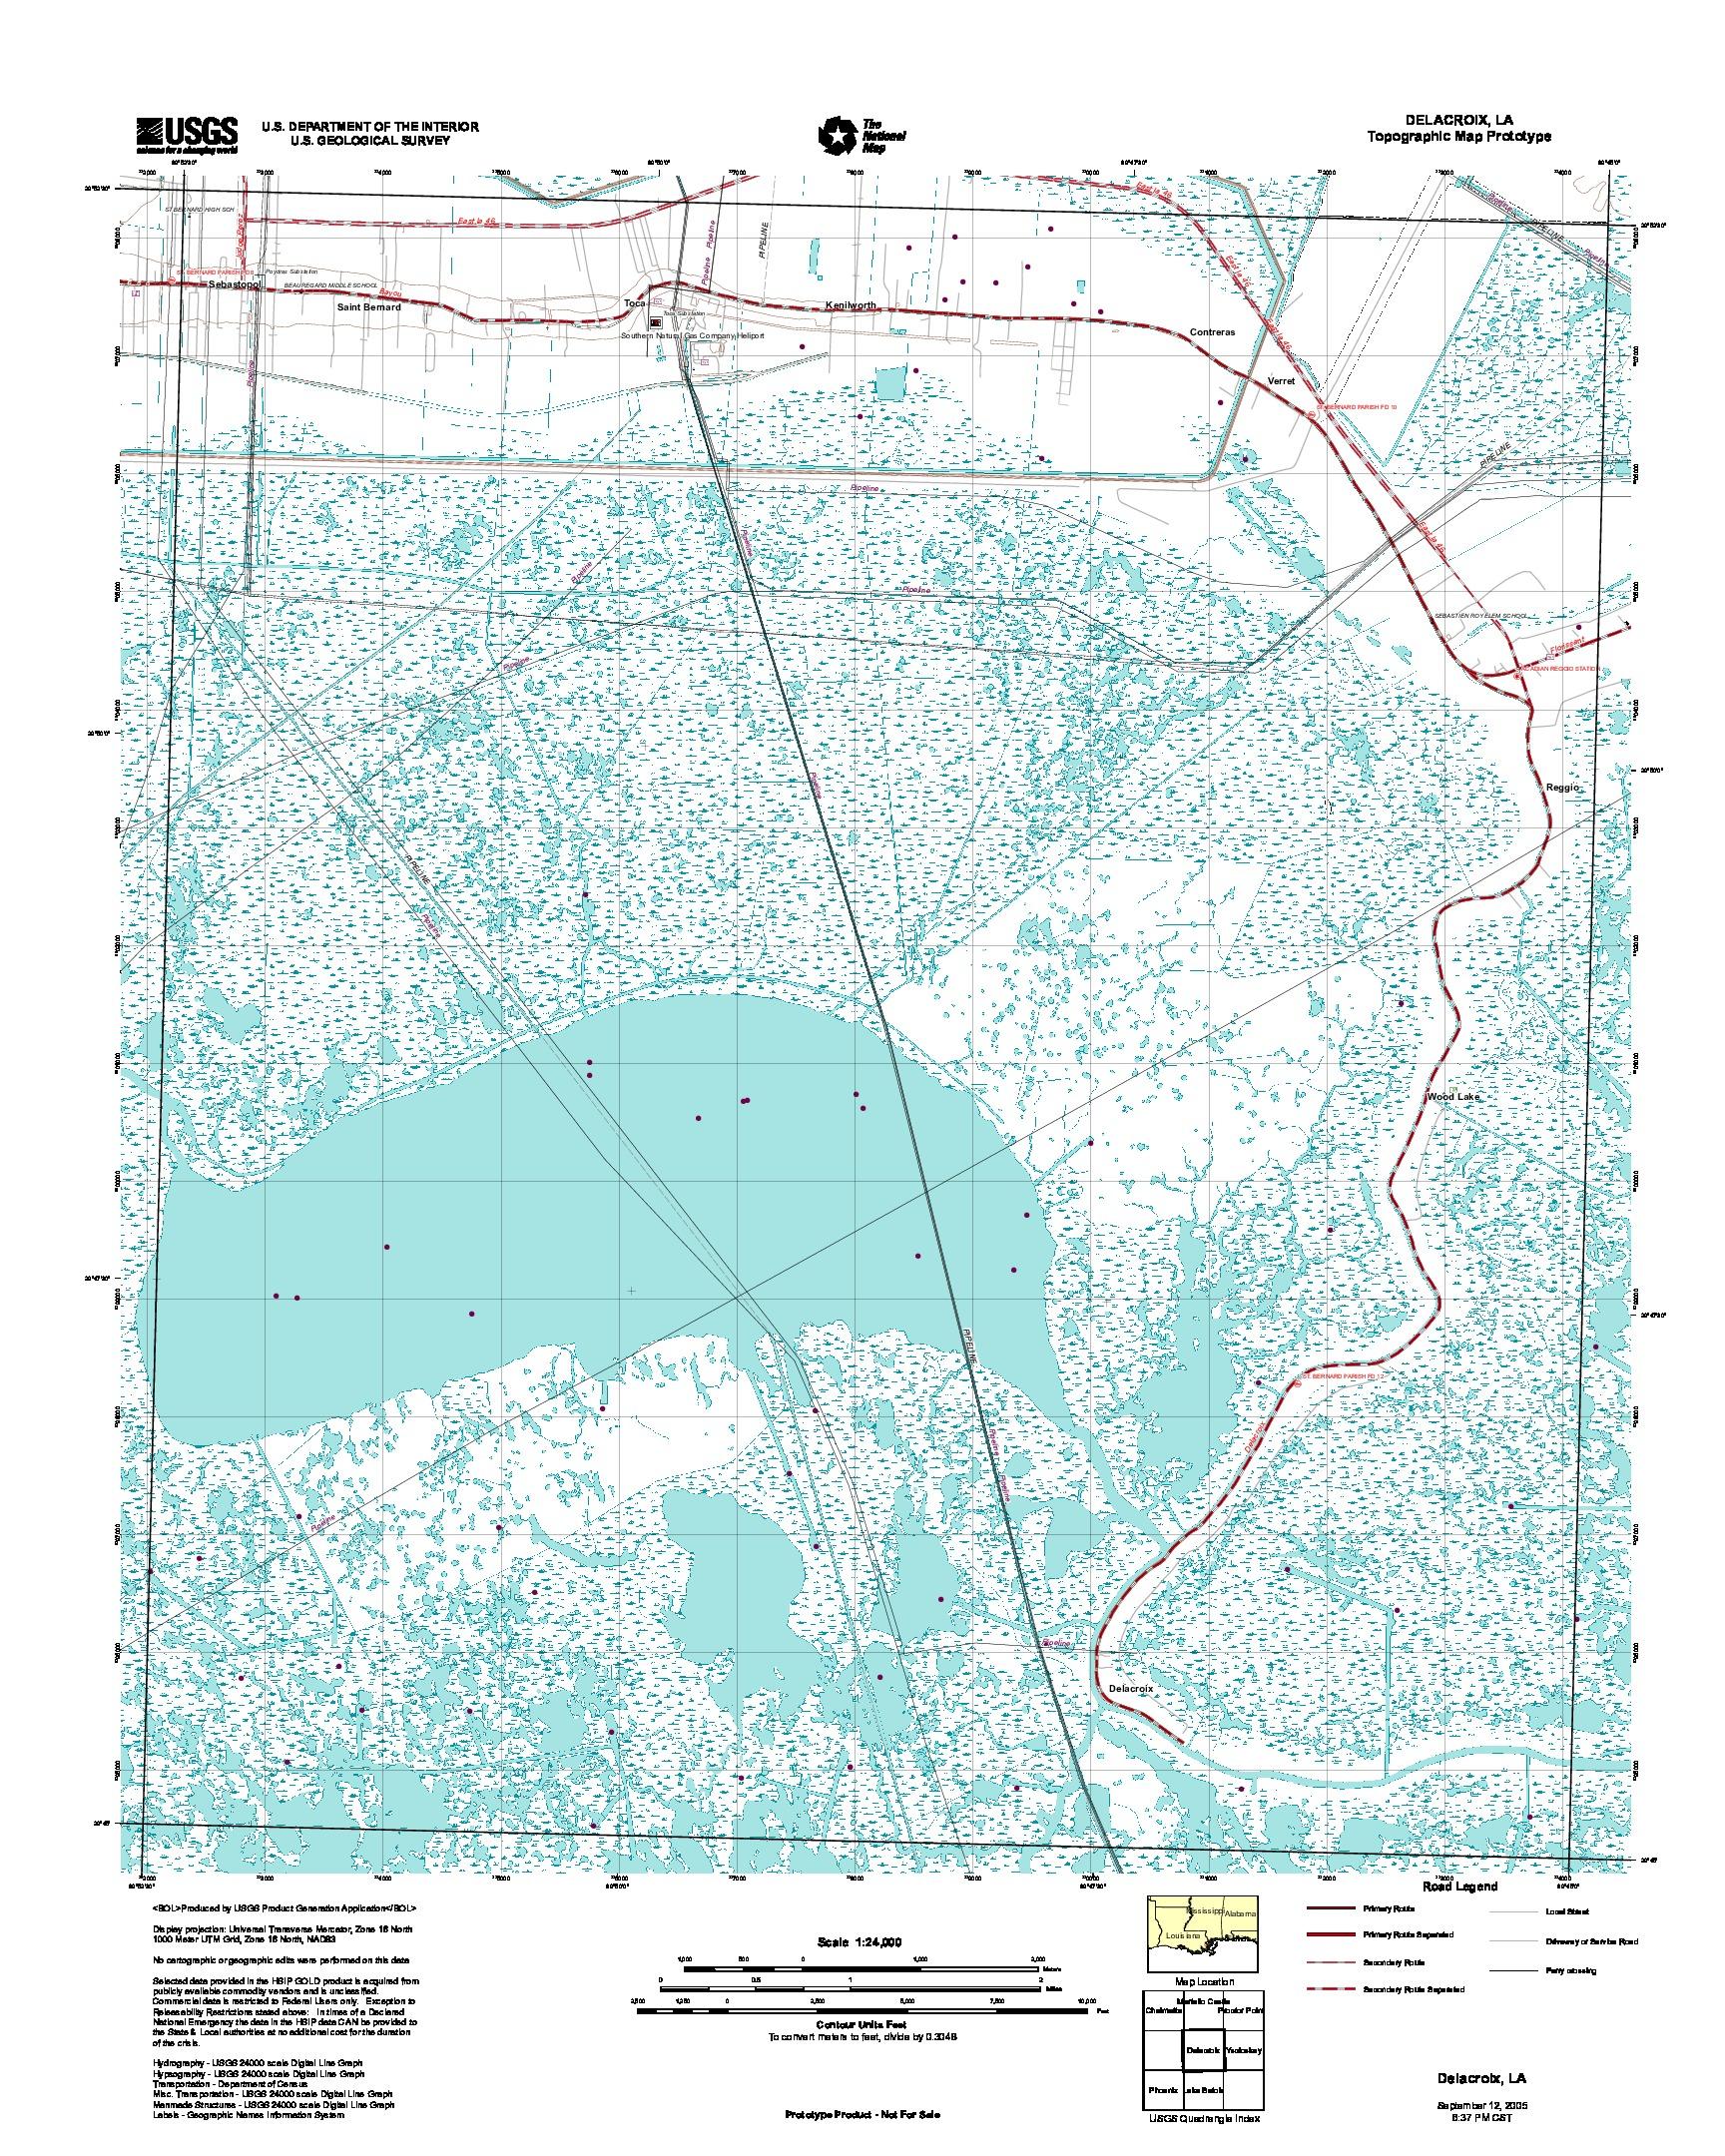 Prototipo de Mapa Topográfico delacroix, Luisiana, Estados Unidos, Septiembre 12, 2005